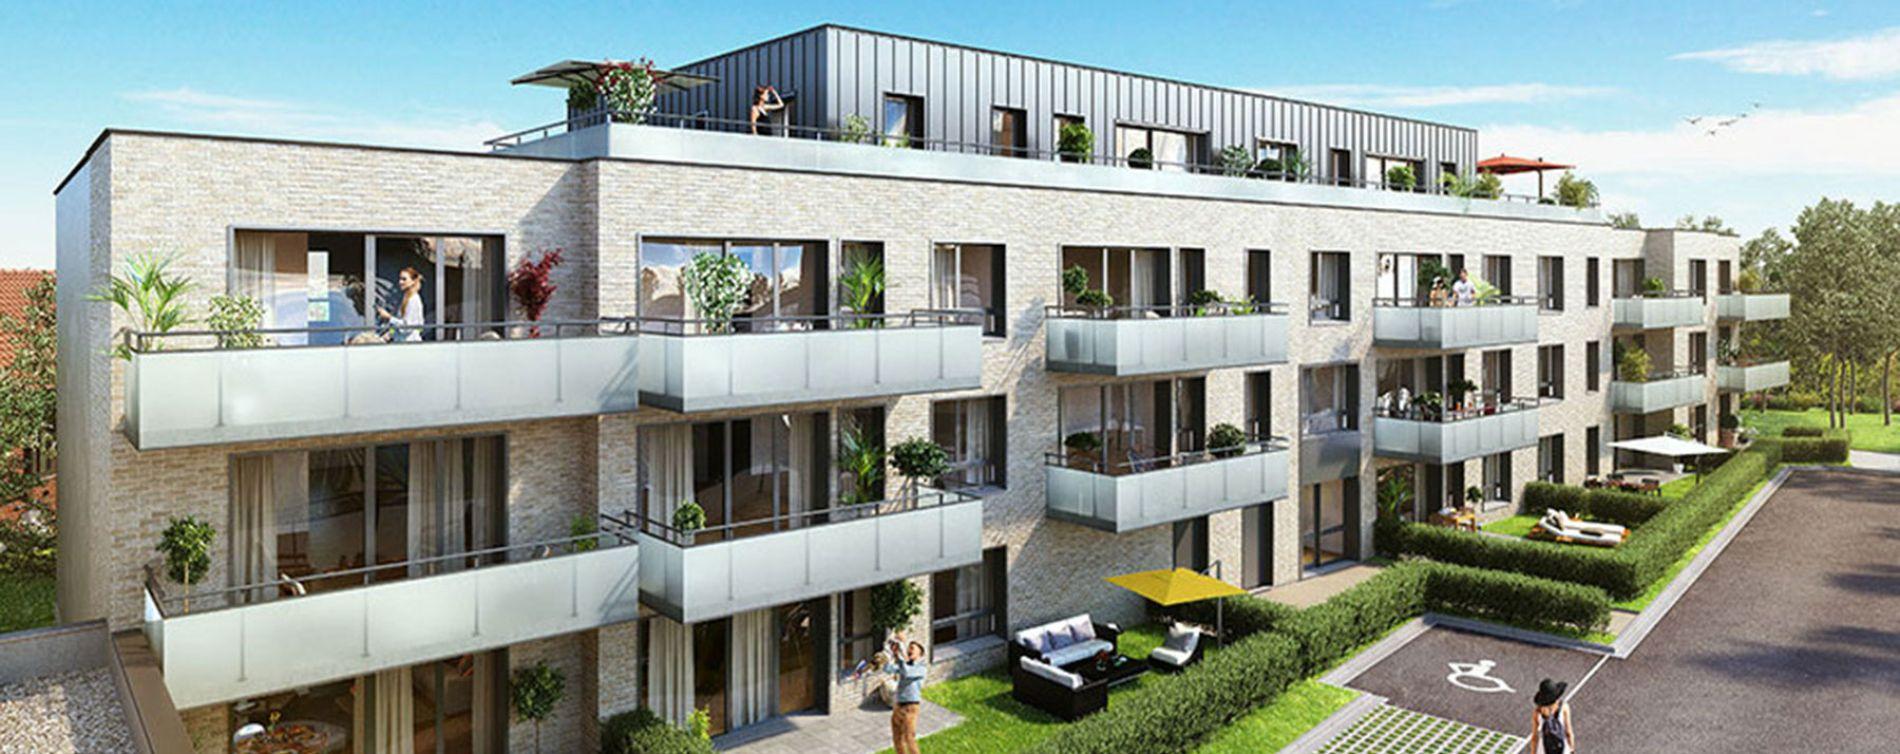 Roncq : programme immobilier neuve « Natur' & Sens »